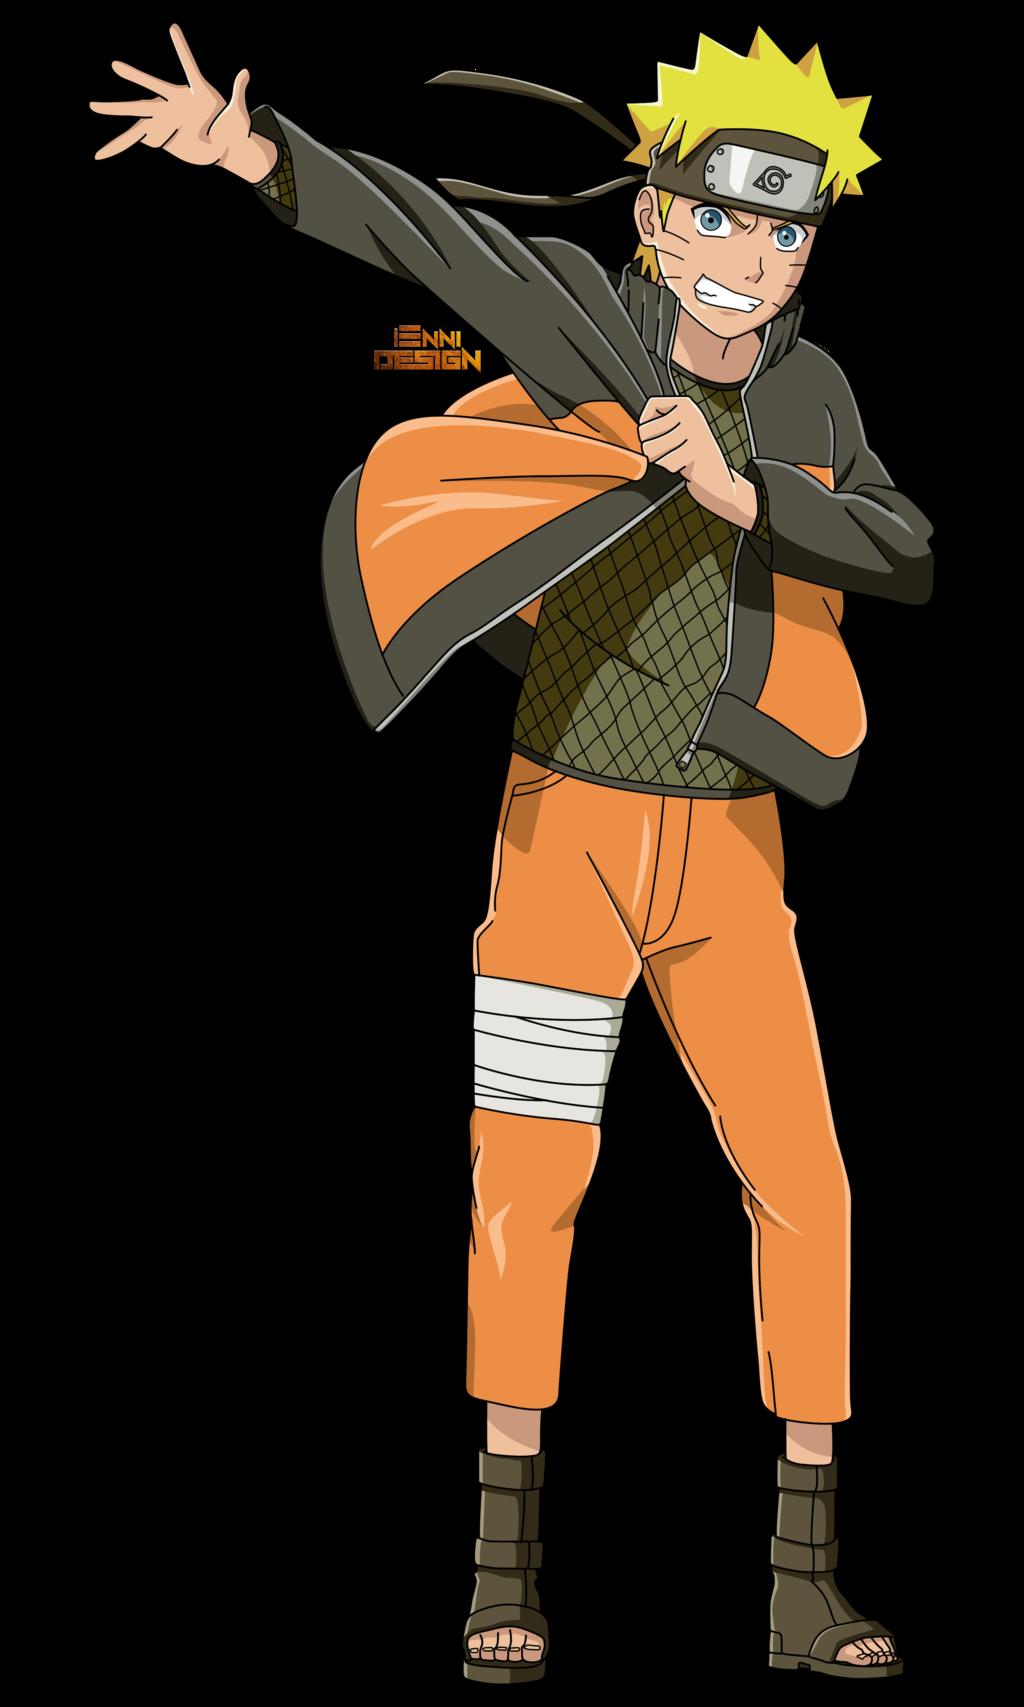 Anime clipart naruto uzumaki. Shippuden by iennidesign on